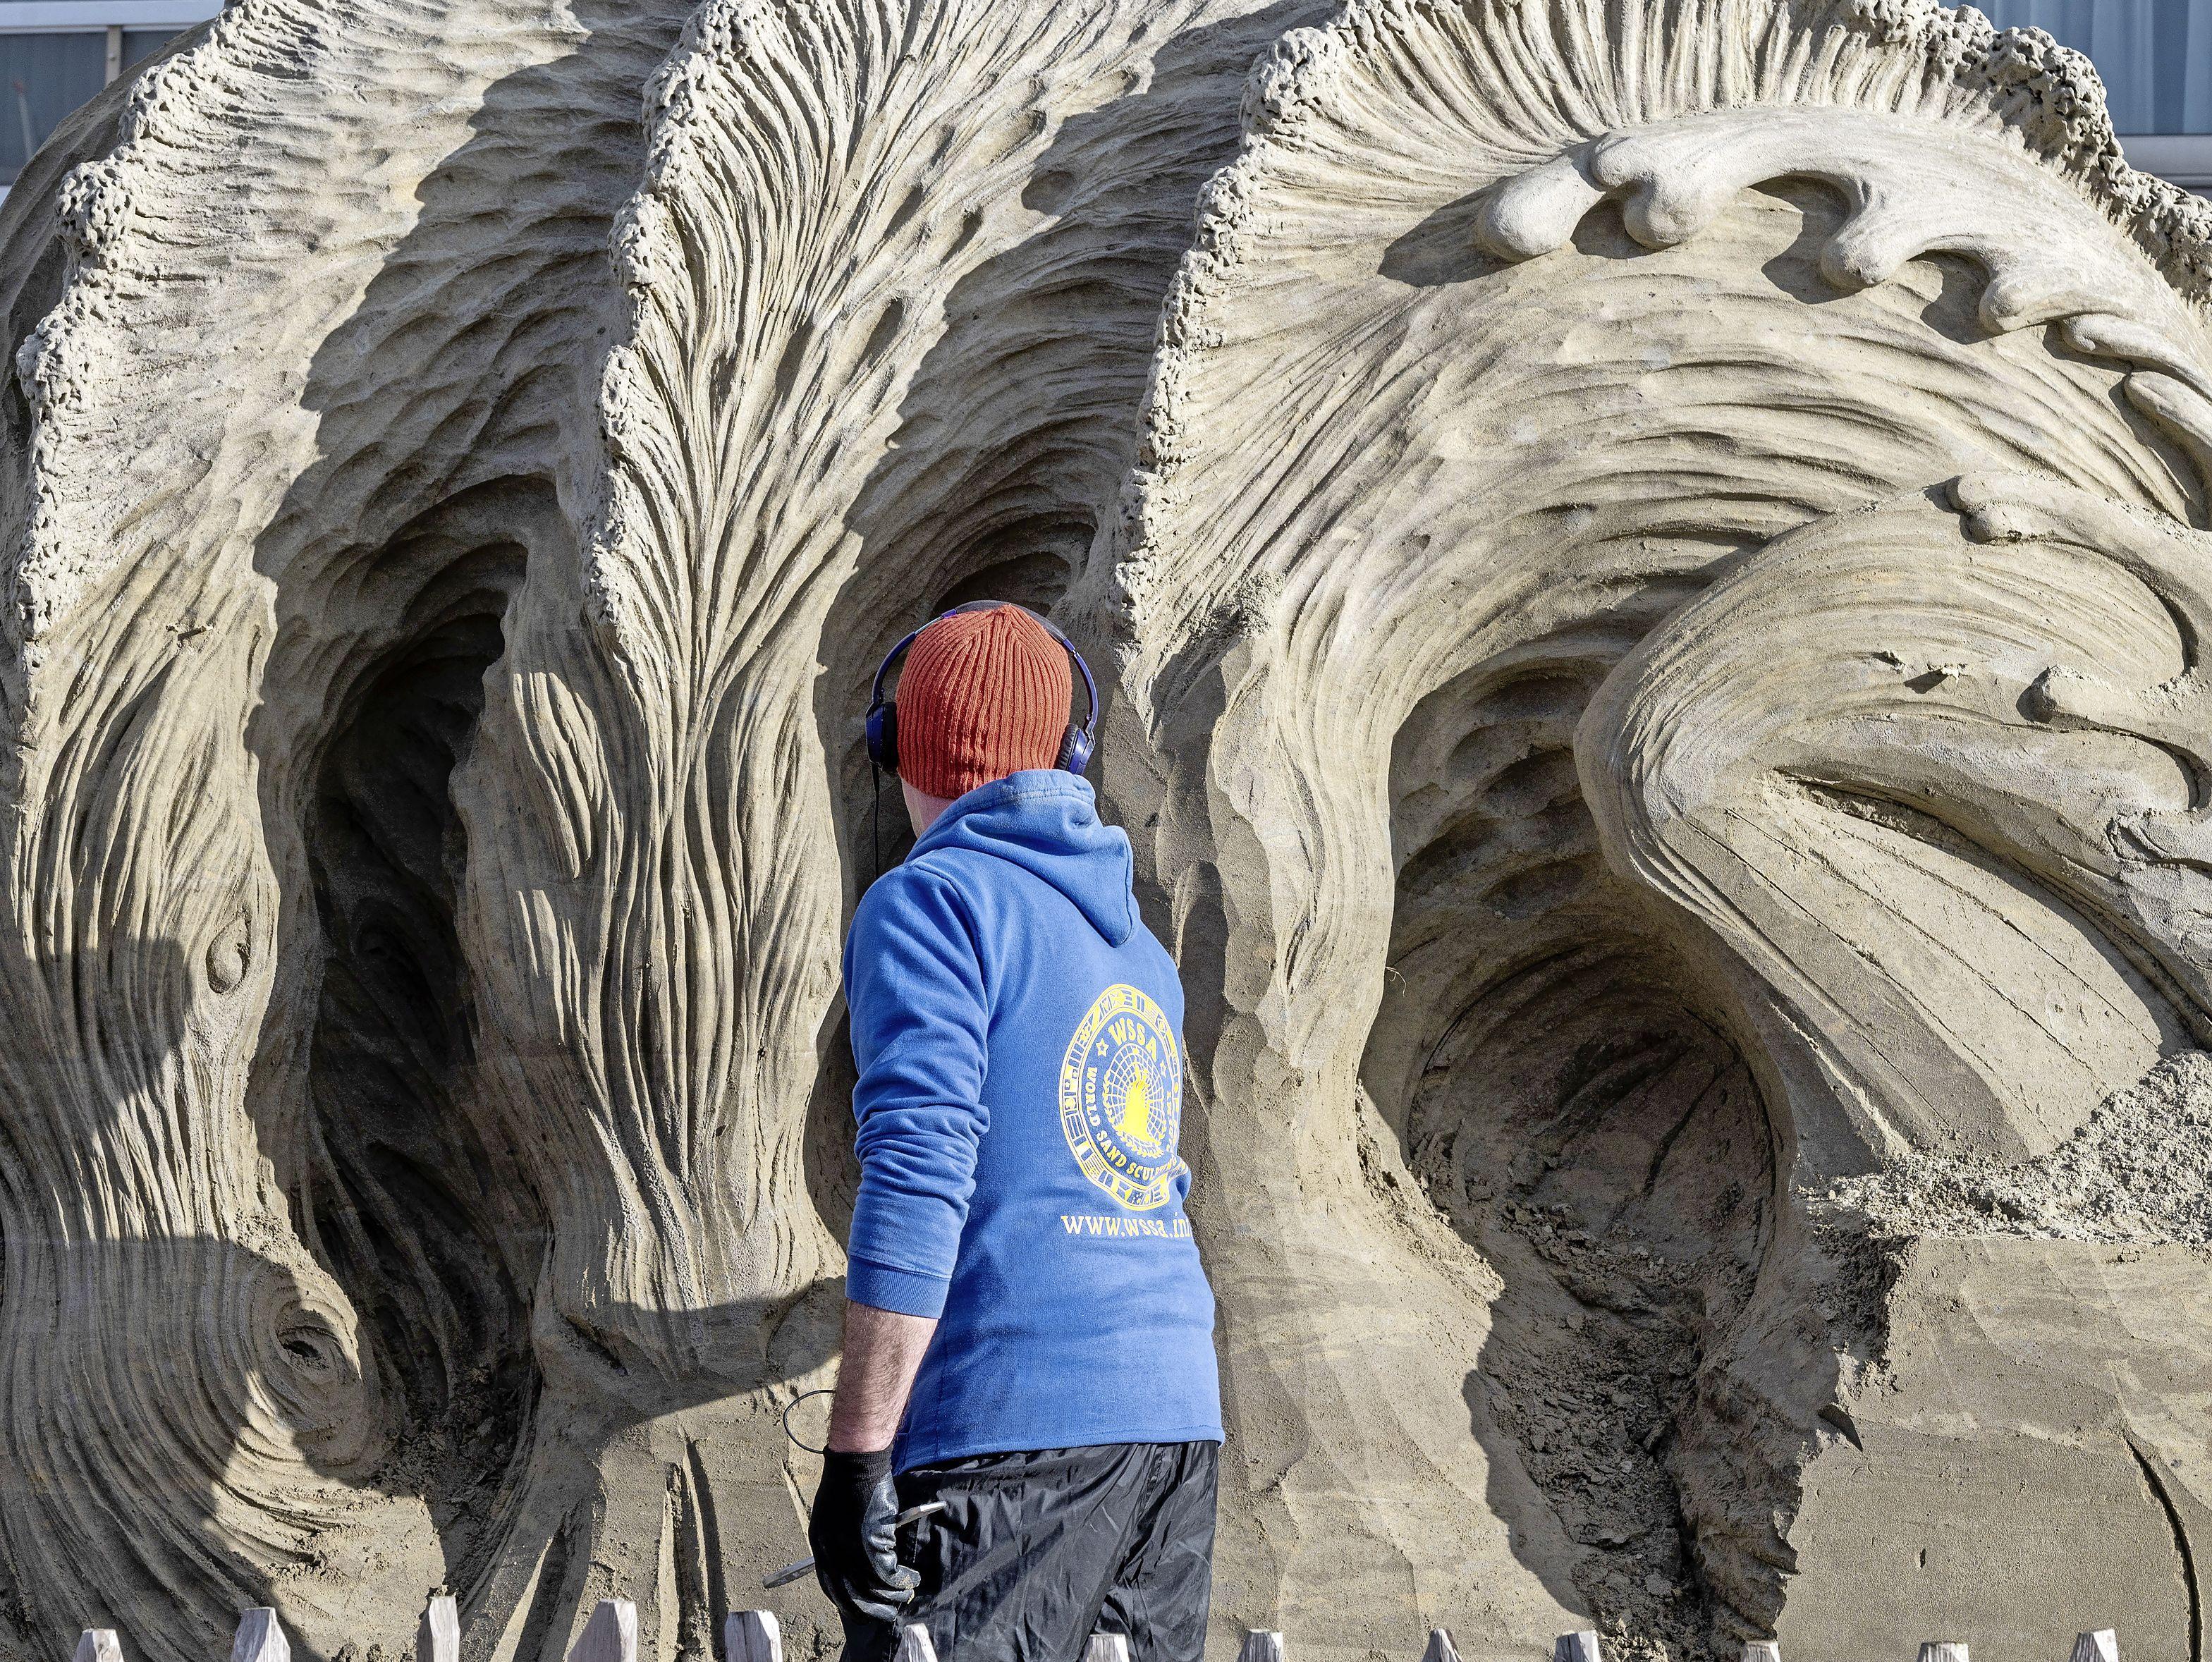 EK Zandsculpturen voor het laatst in Zandvoort